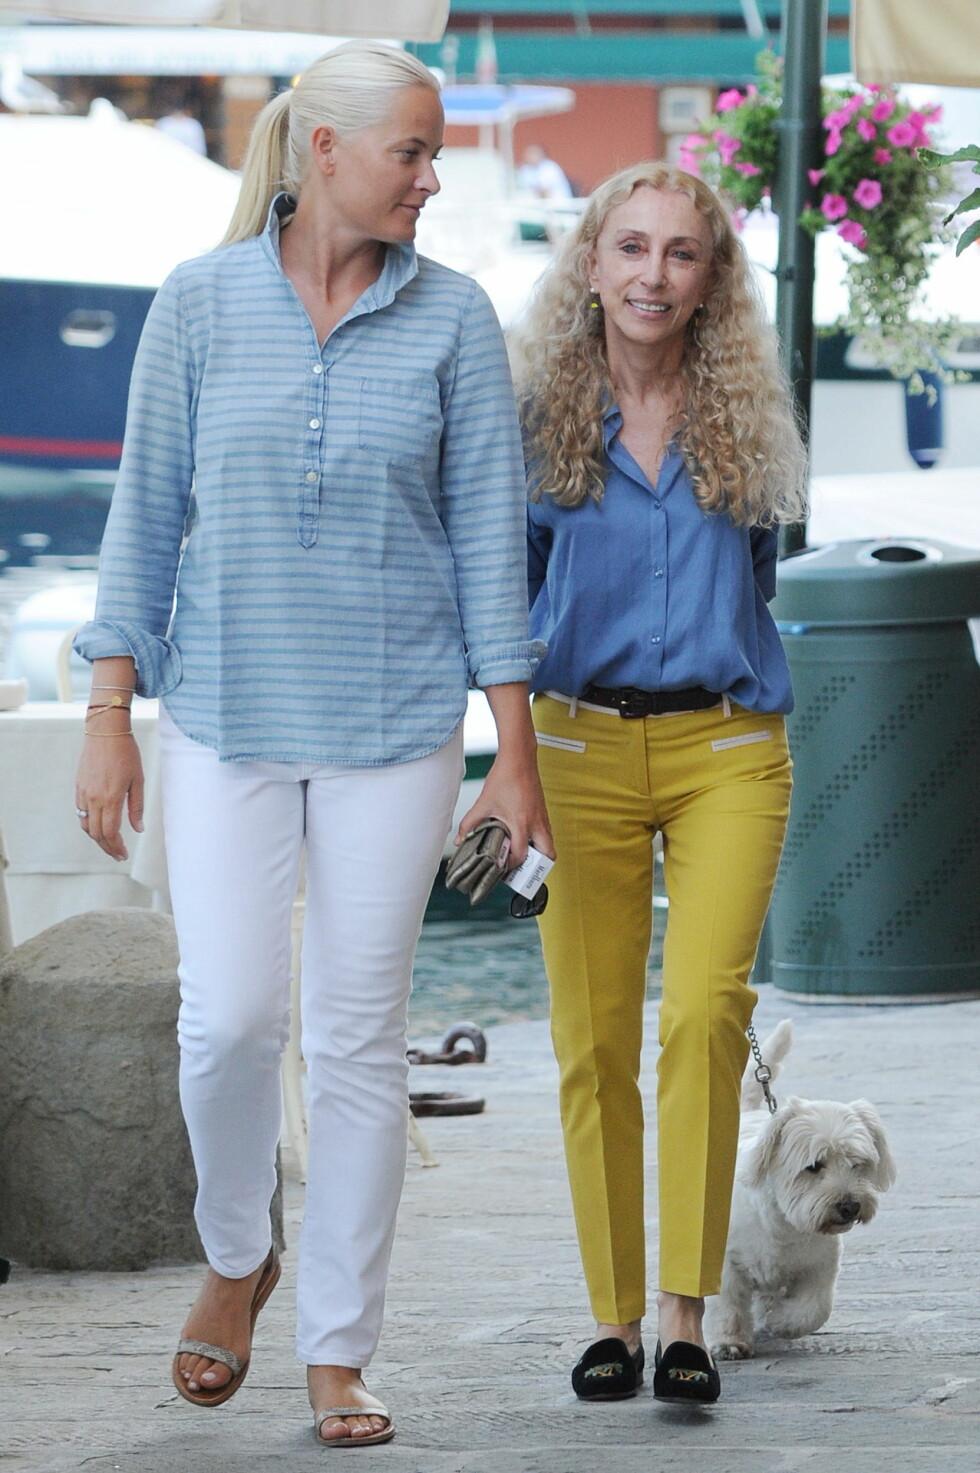 VENNINNEFERIE: Moteredaktør Franca Sozzani og Mette-Marit vandret gatelangs i Portofino og storkoste seg i sommervarmen. Foto: Splash News/ All Over Press